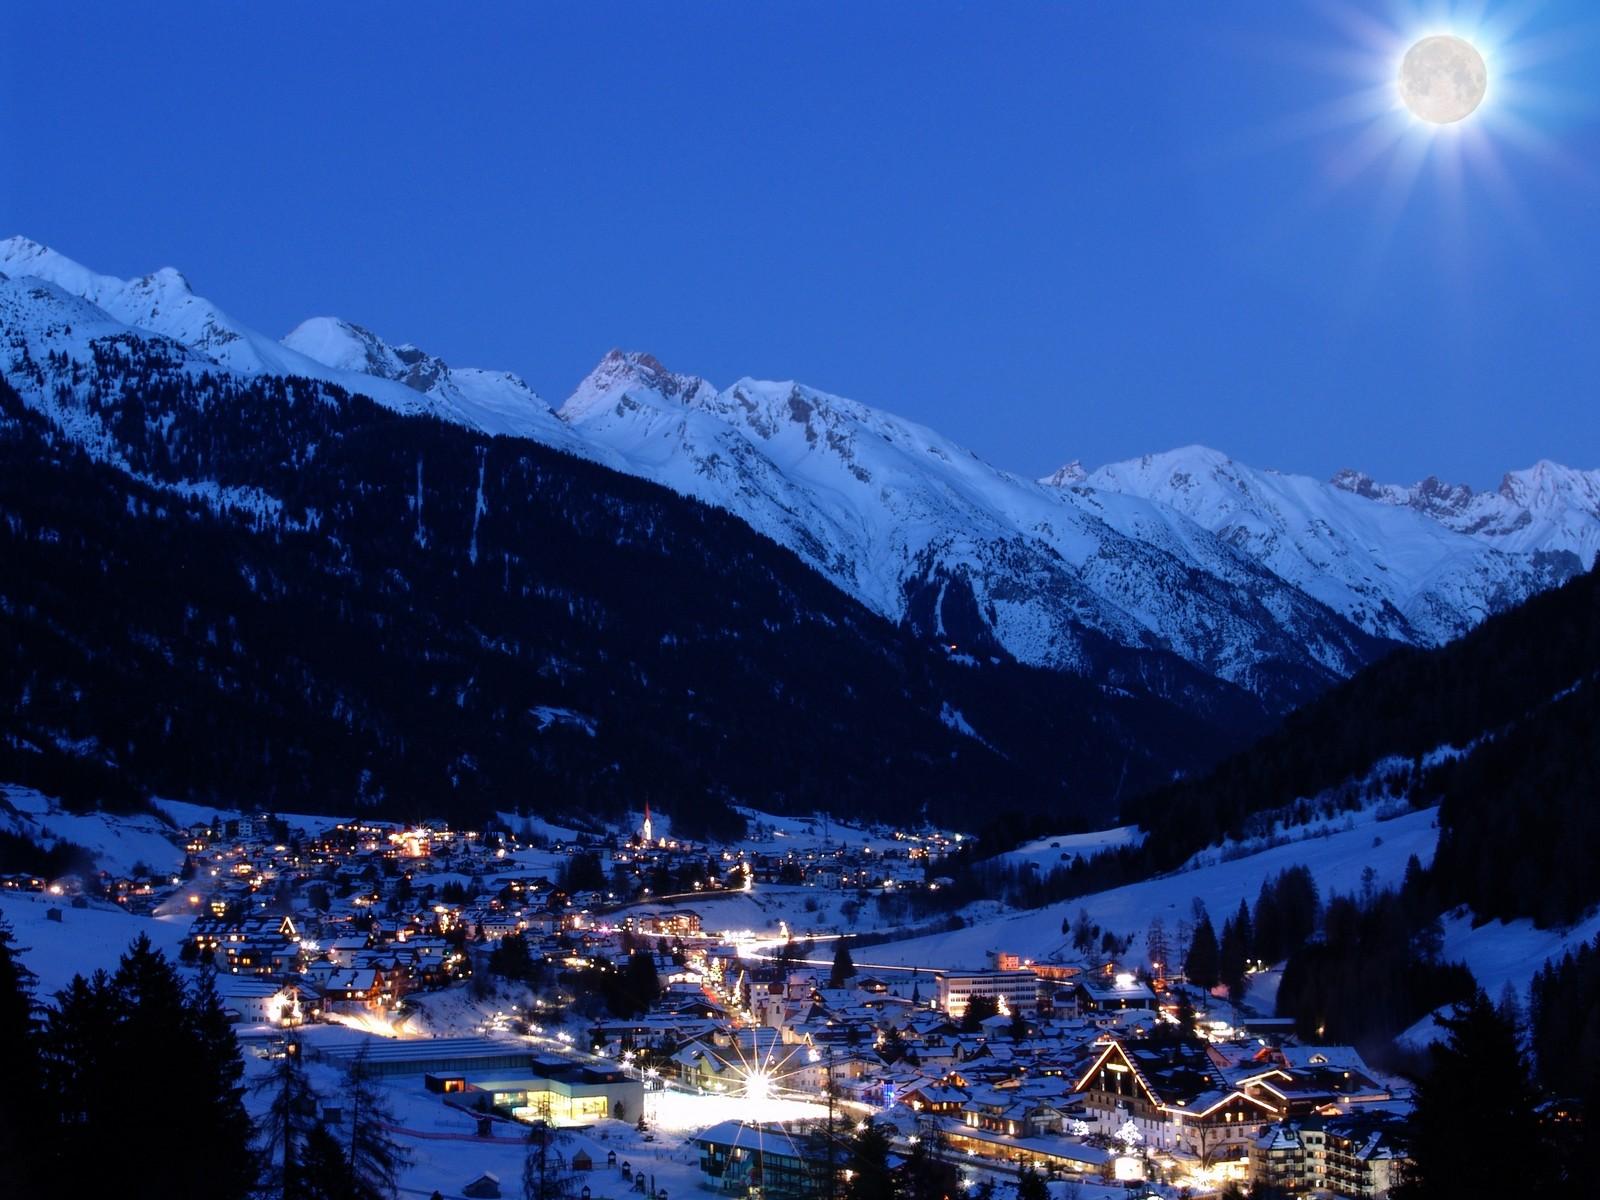 Anton bei Nacht Arlberg